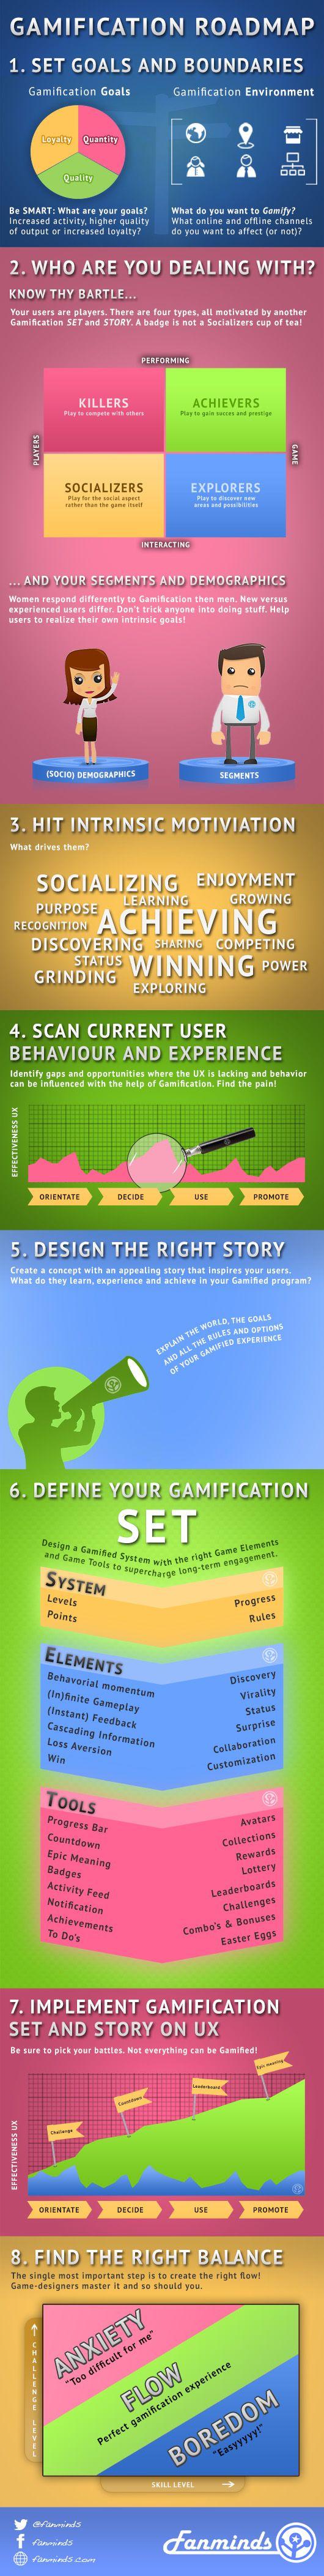 Classroom Design Overview : Best instructional design ideas on pinterest